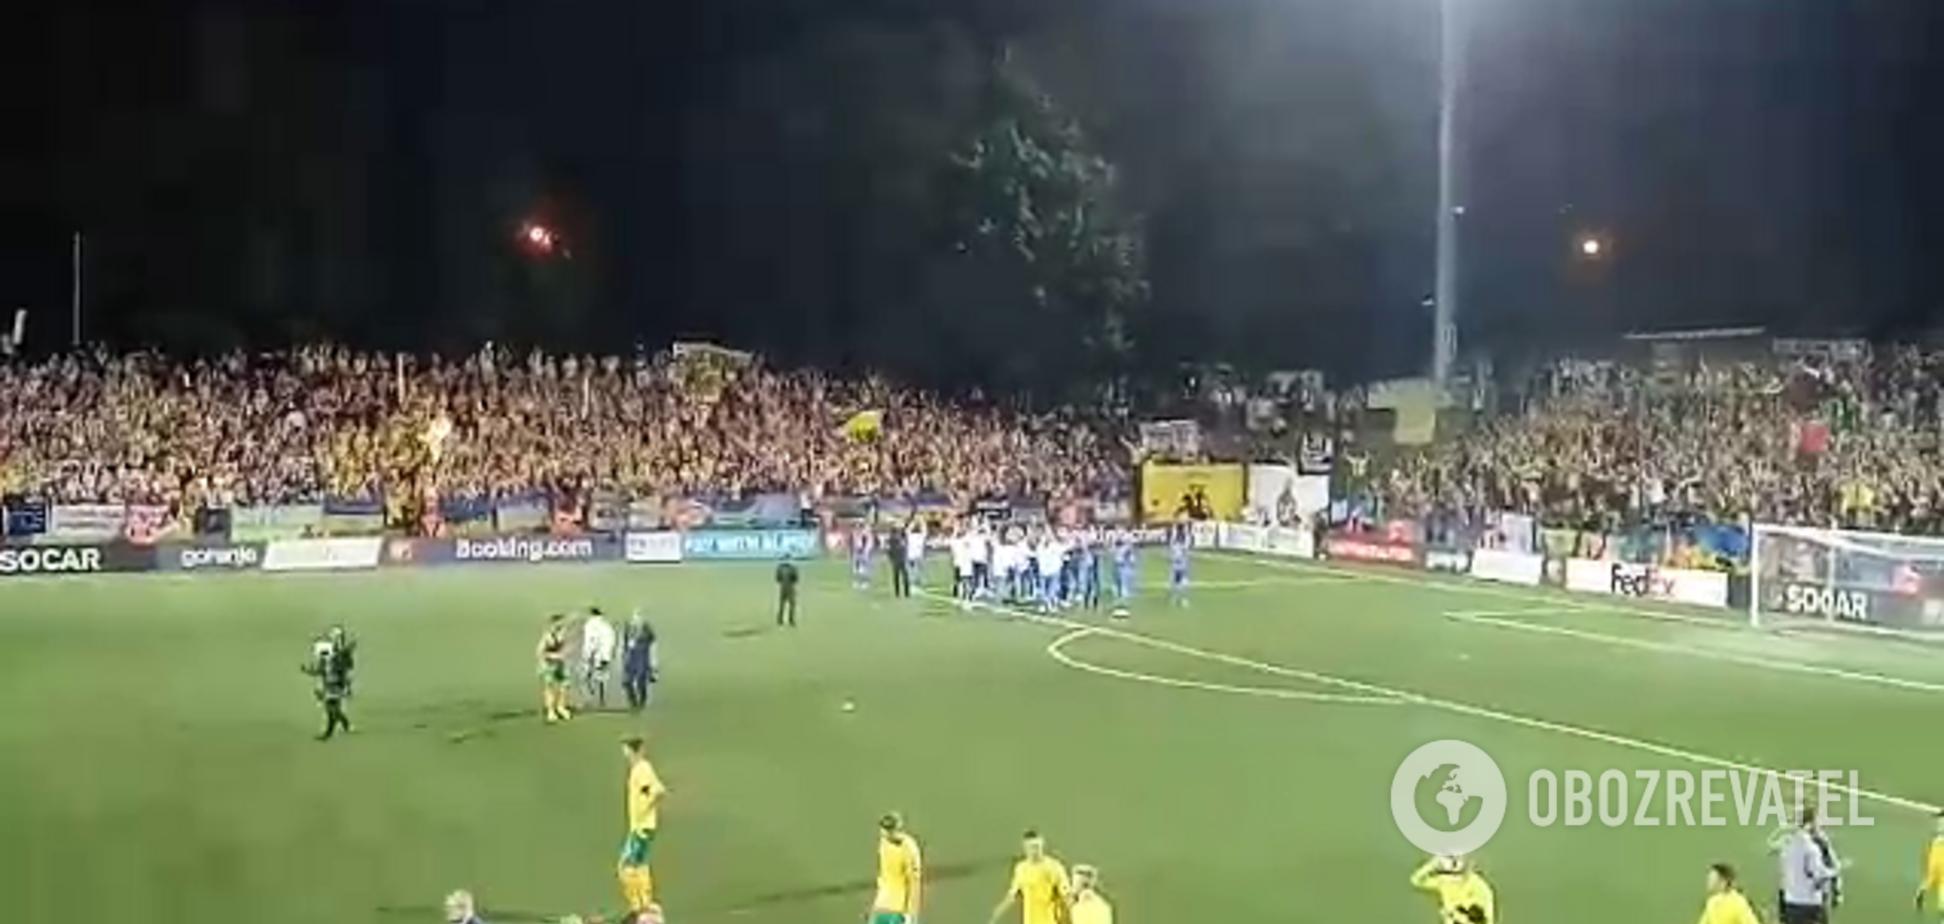 Сборная Украины совершила эмоциональный поступок после матча с Литвой - видеофакт